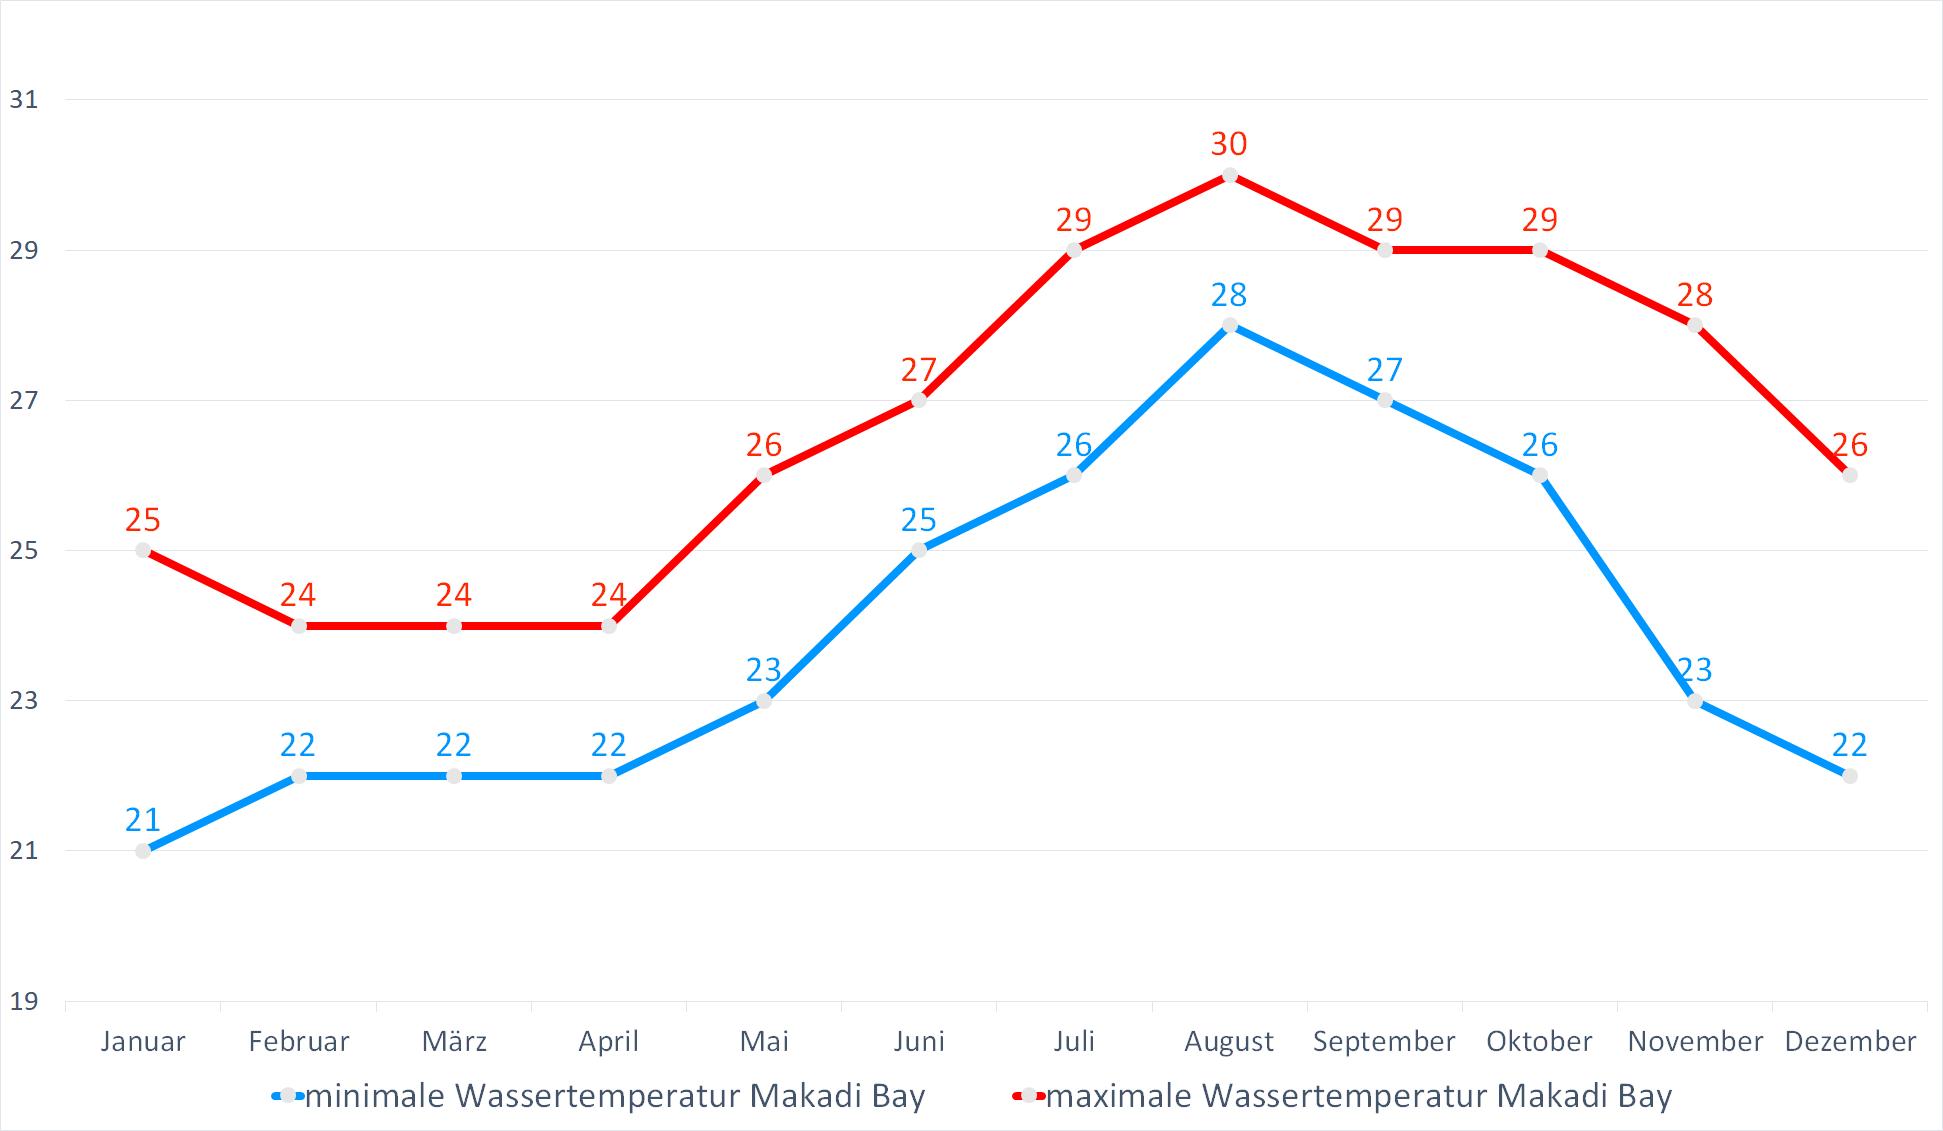 Minimale & Maximale Wassertemperaturen für Makadi Bay im Jahresverlauf